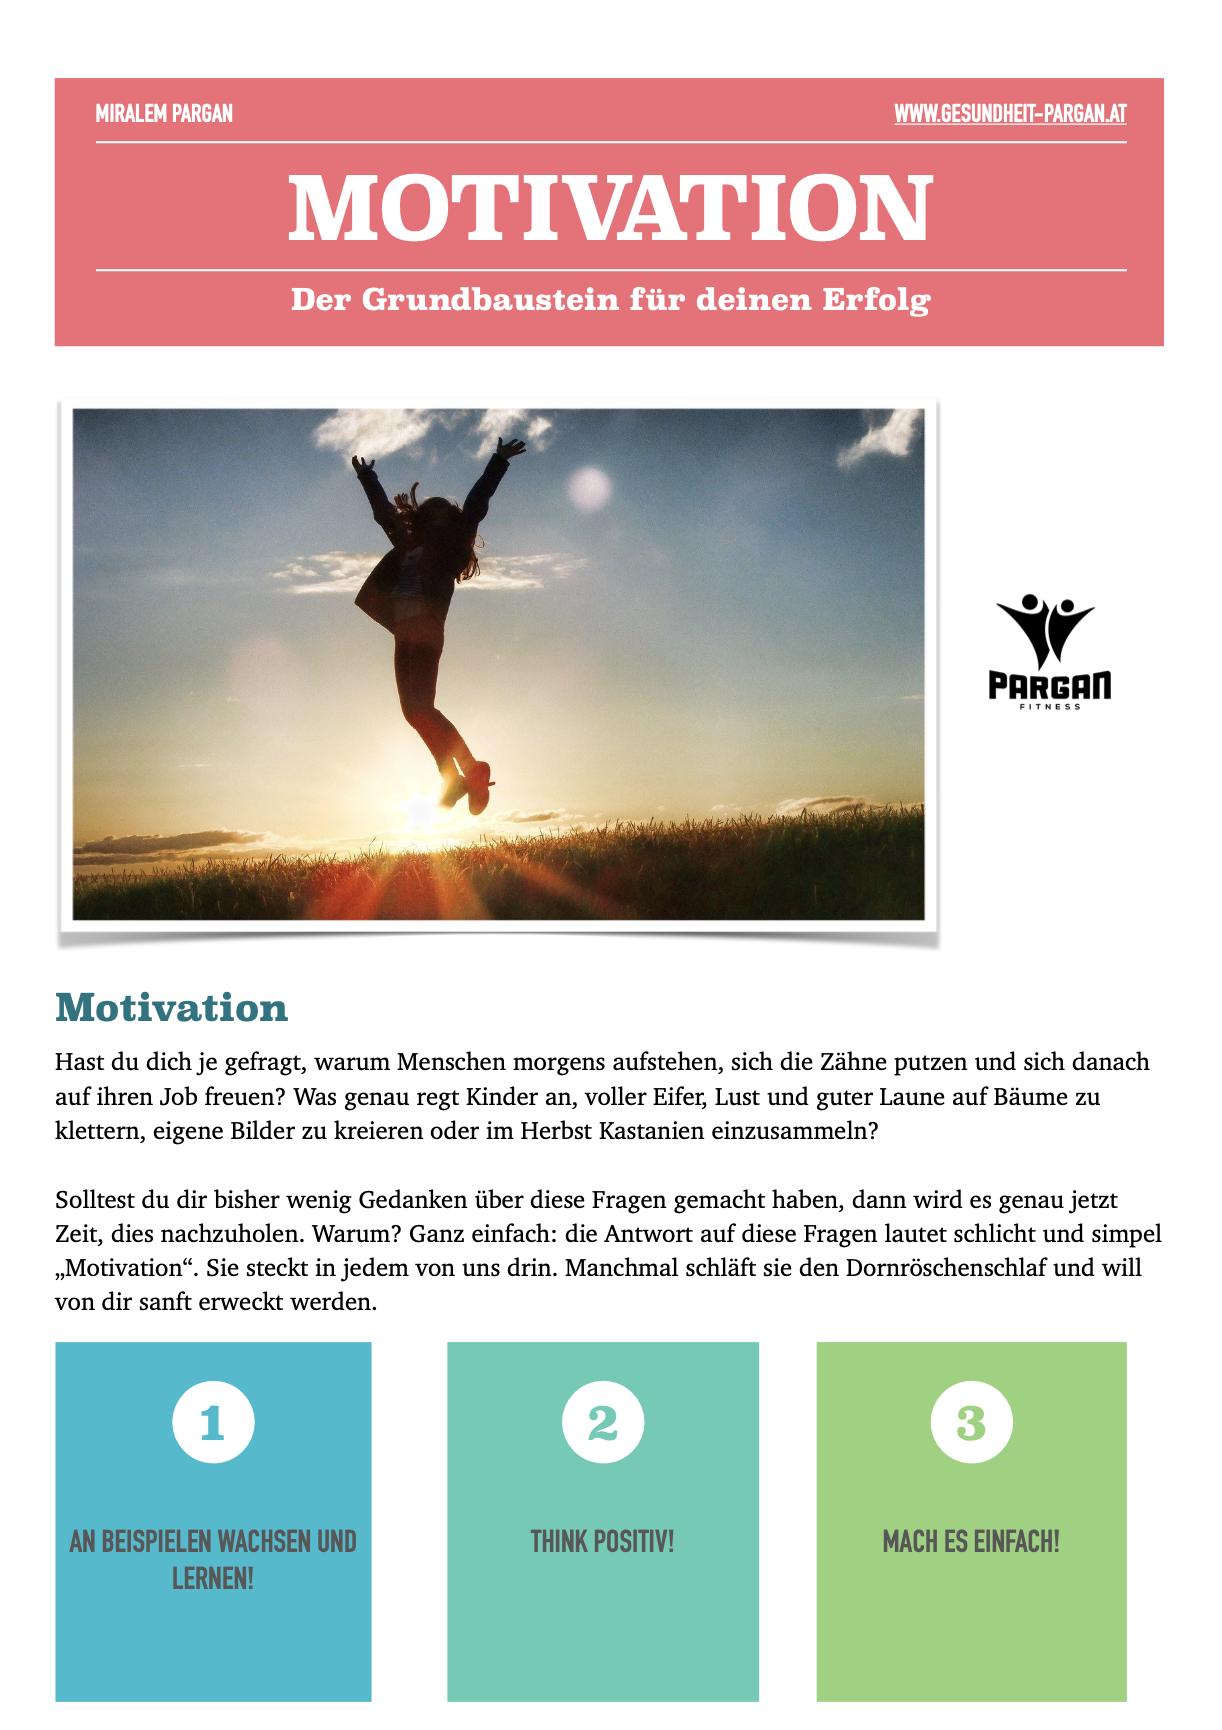 Motivation - Der Grundbaustein!